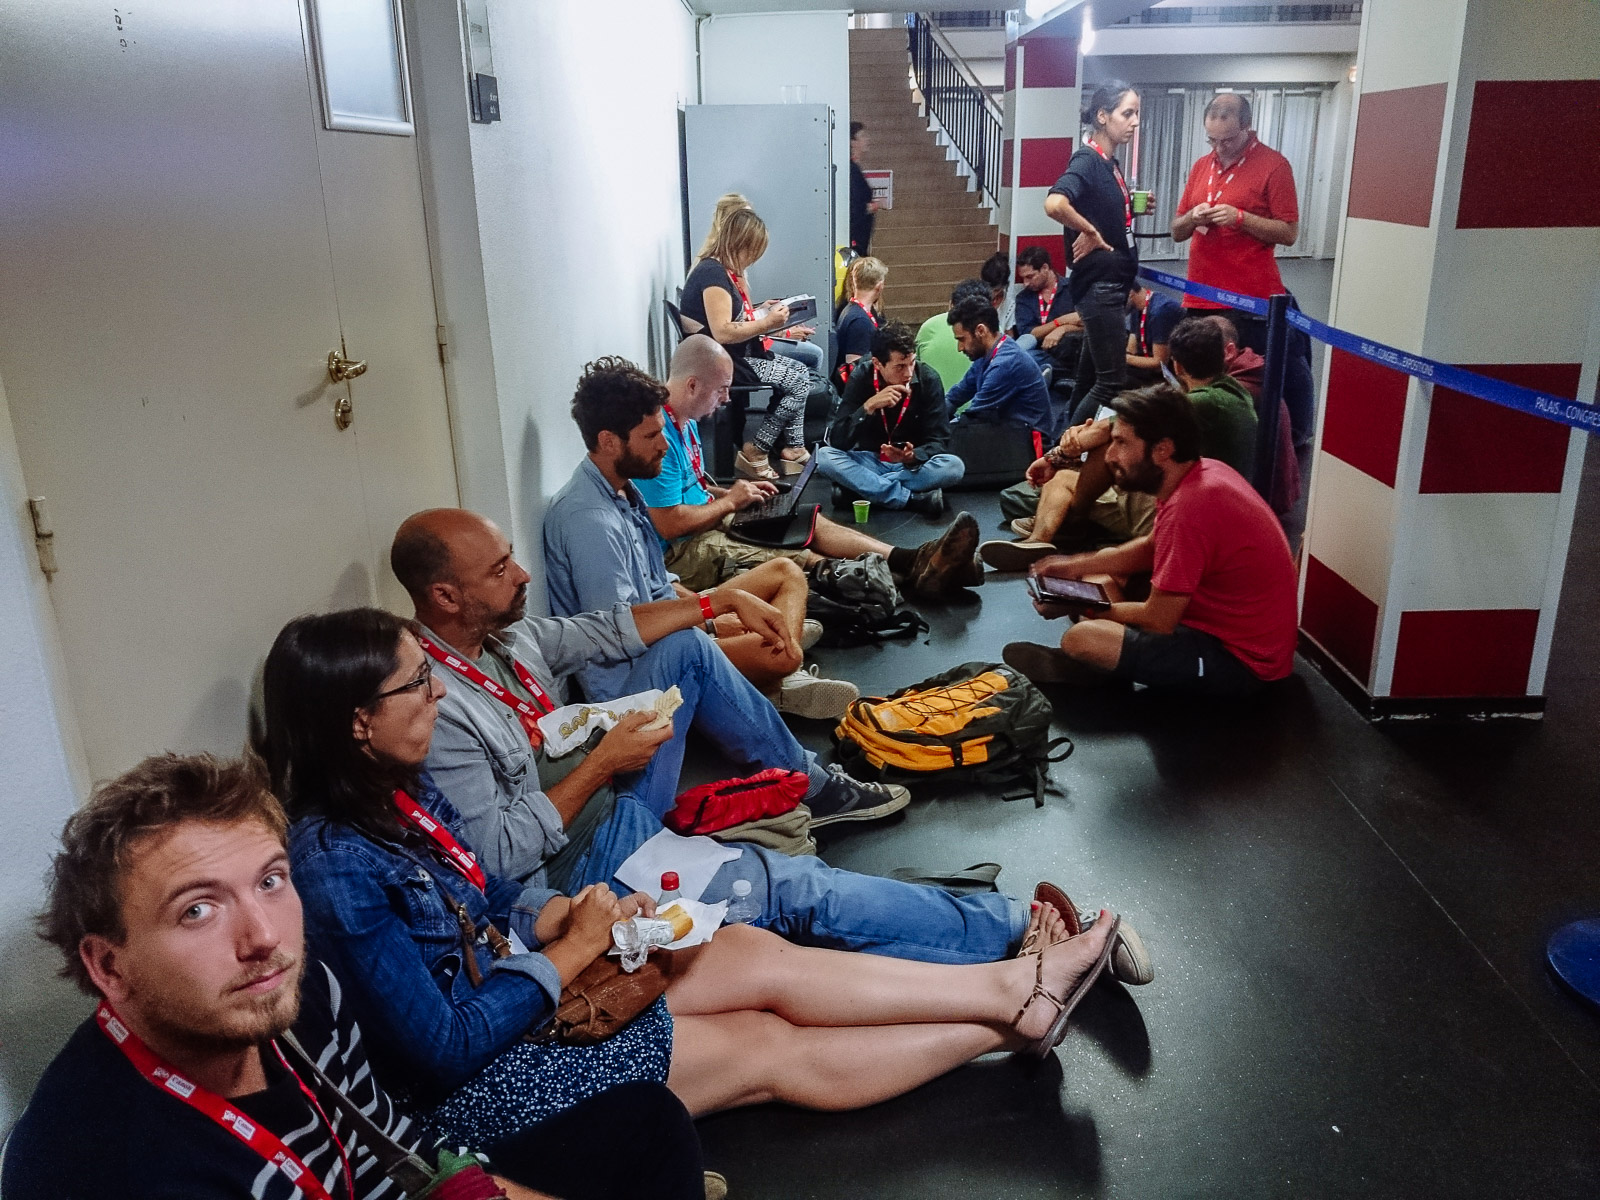 Des photographes patientent pour obtenir un rendez-vous avec un iconographe au second étage du Palais des Congrès de Perpignan lors de Visa pour l'Image pour le 2 septembre 2015. © Pierre Morel